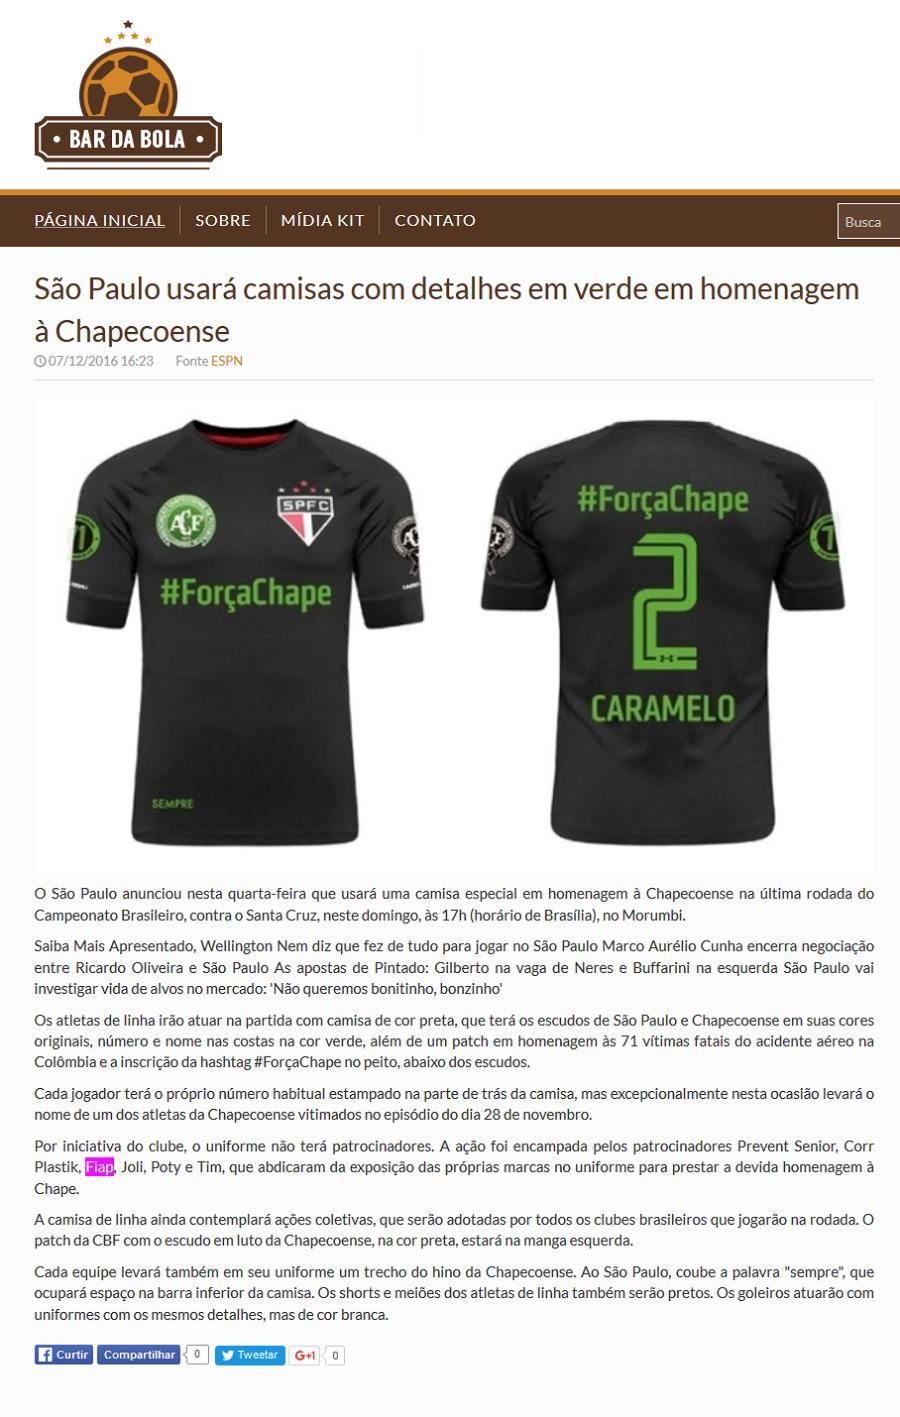 44ce989ec2 Notícias (SÃO PAULO USARÁ CAMISAS COM DETALHES EM .